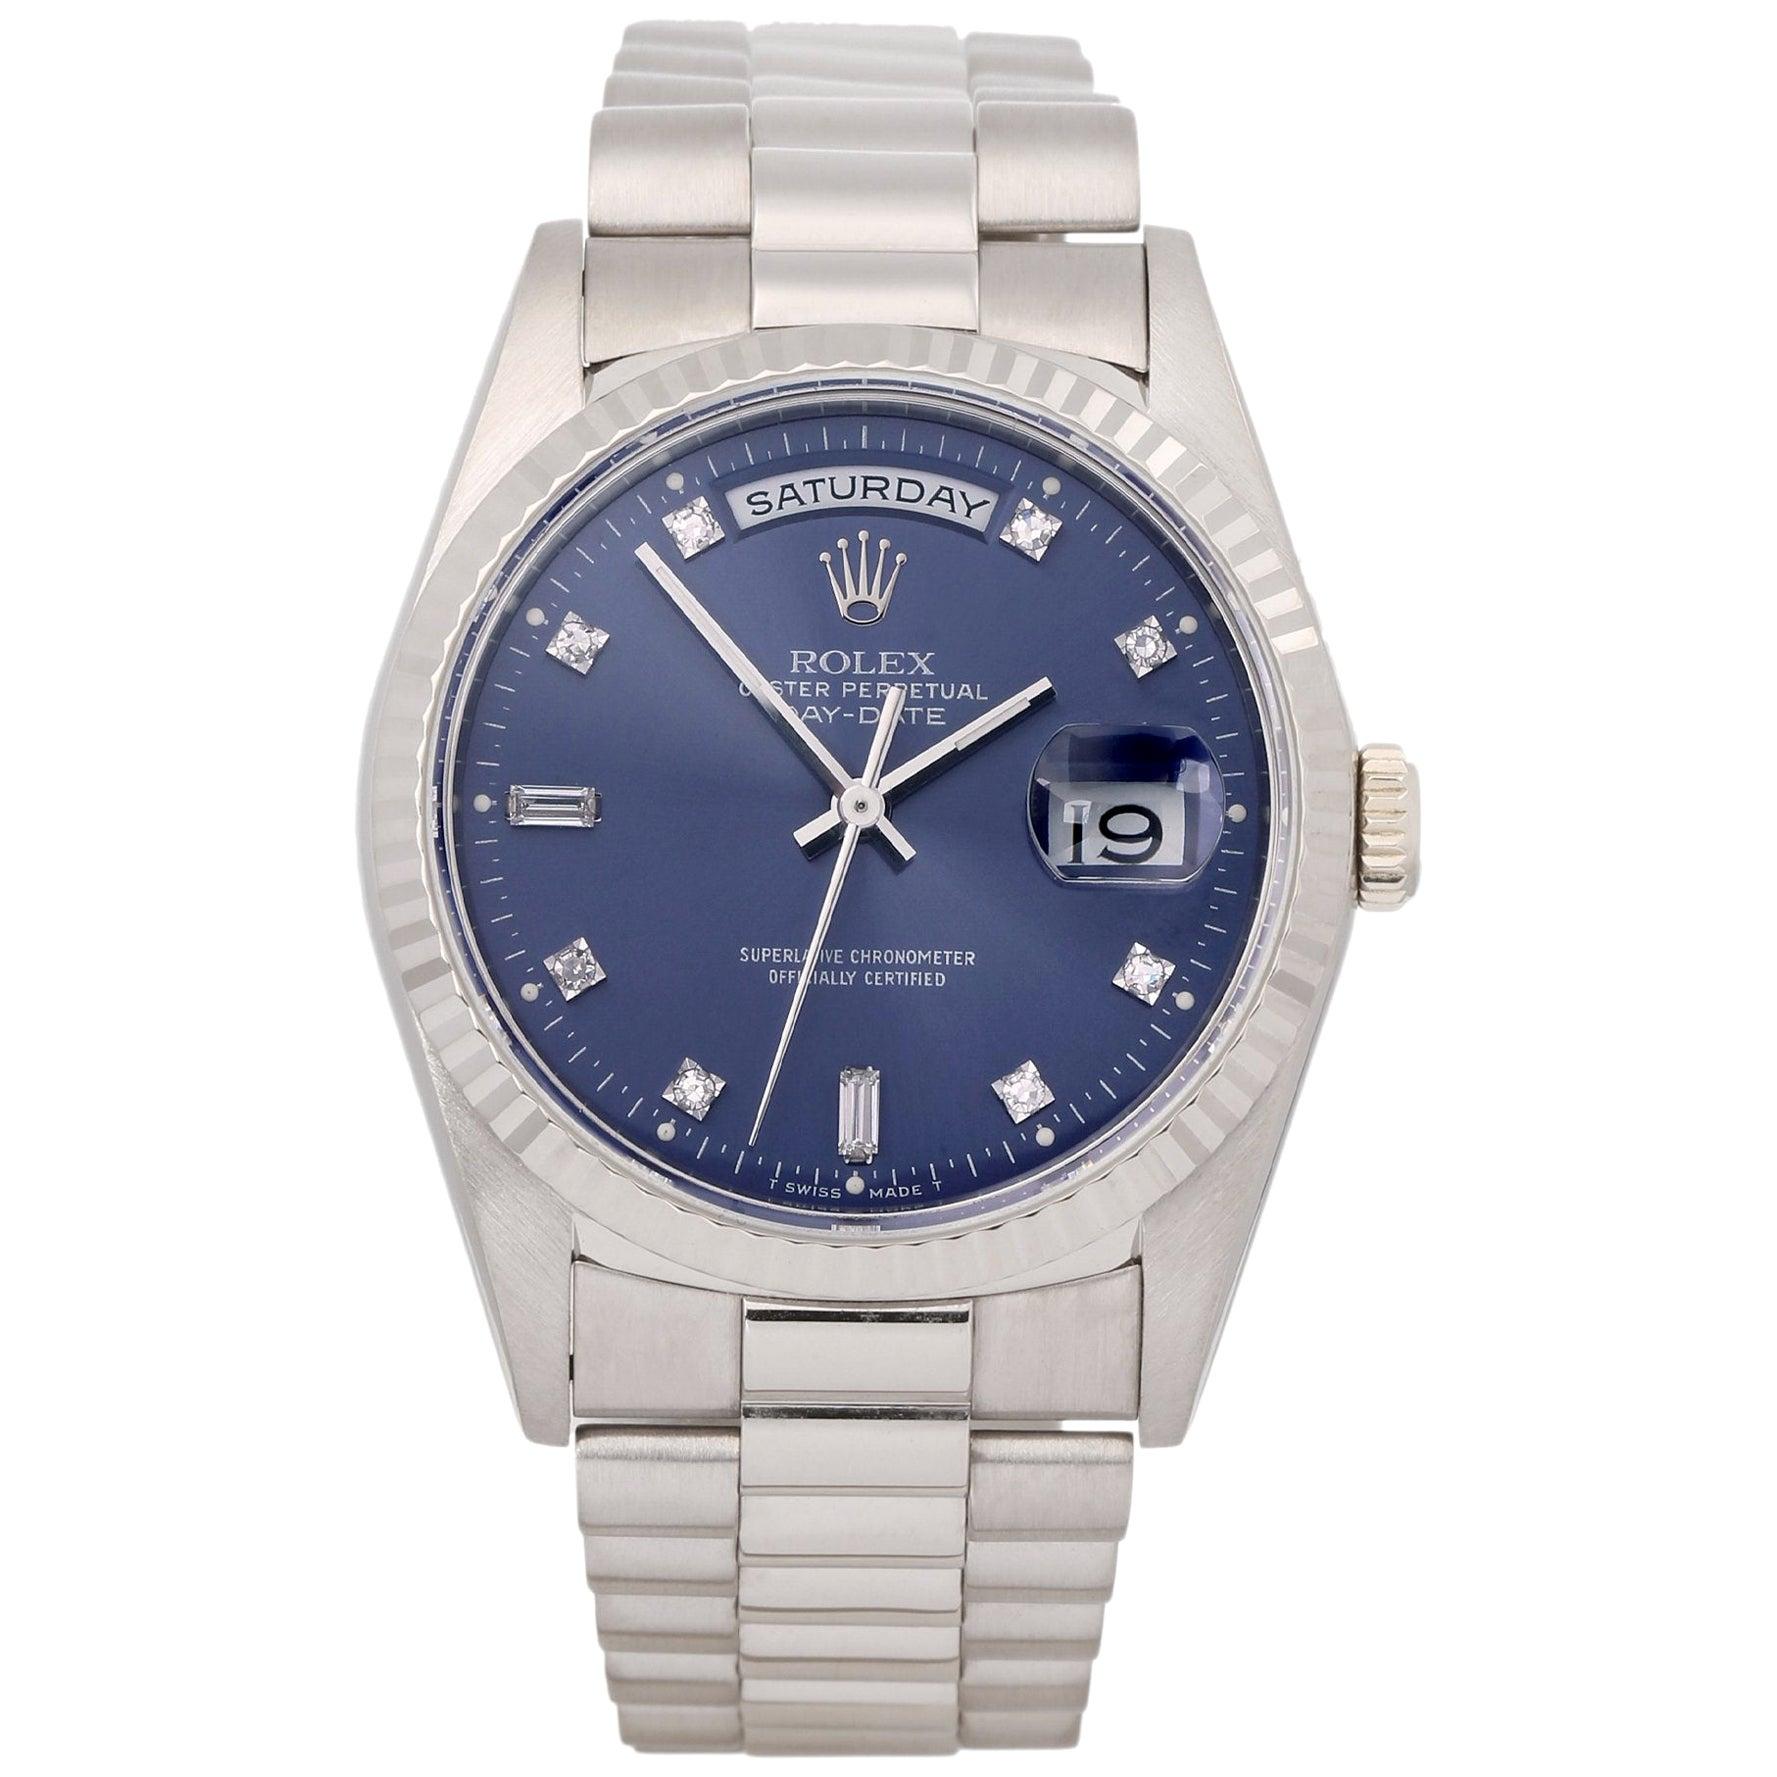 Rolex Day-Date 36 18239 Unisex White Gold Diamond Watch